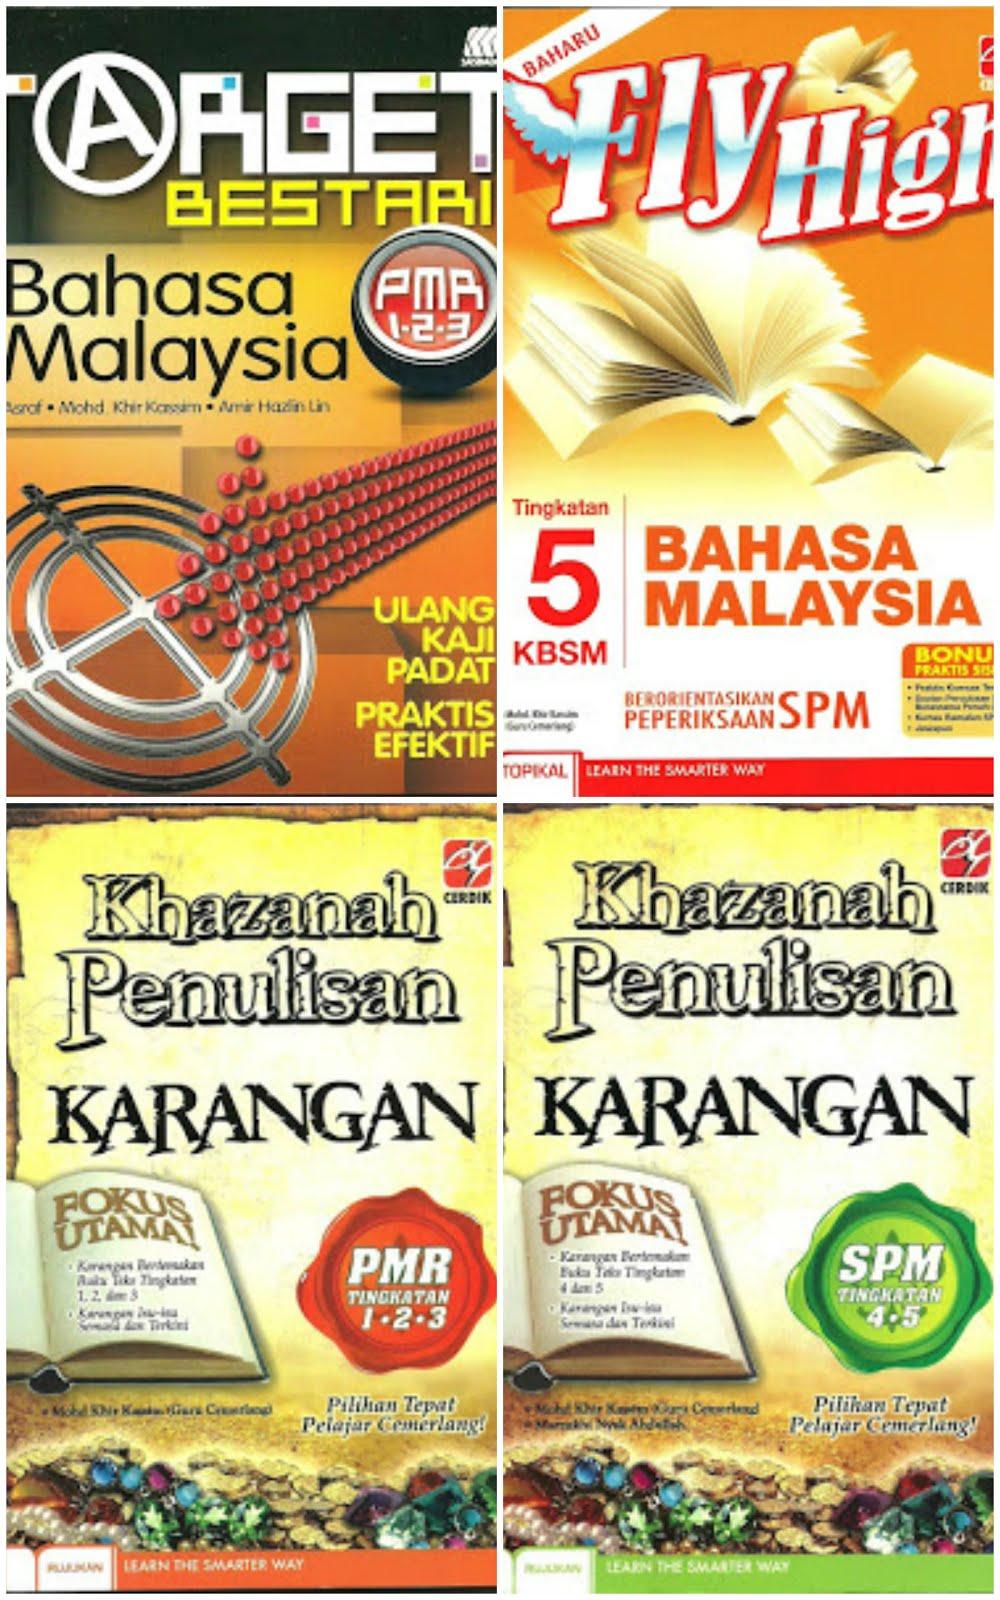 Buku Bahasa Melayu PT3 2015/Buku Topikal Tingkatan 5 2013/Buku Karangan SPM/Buku Karangan PMR  2013